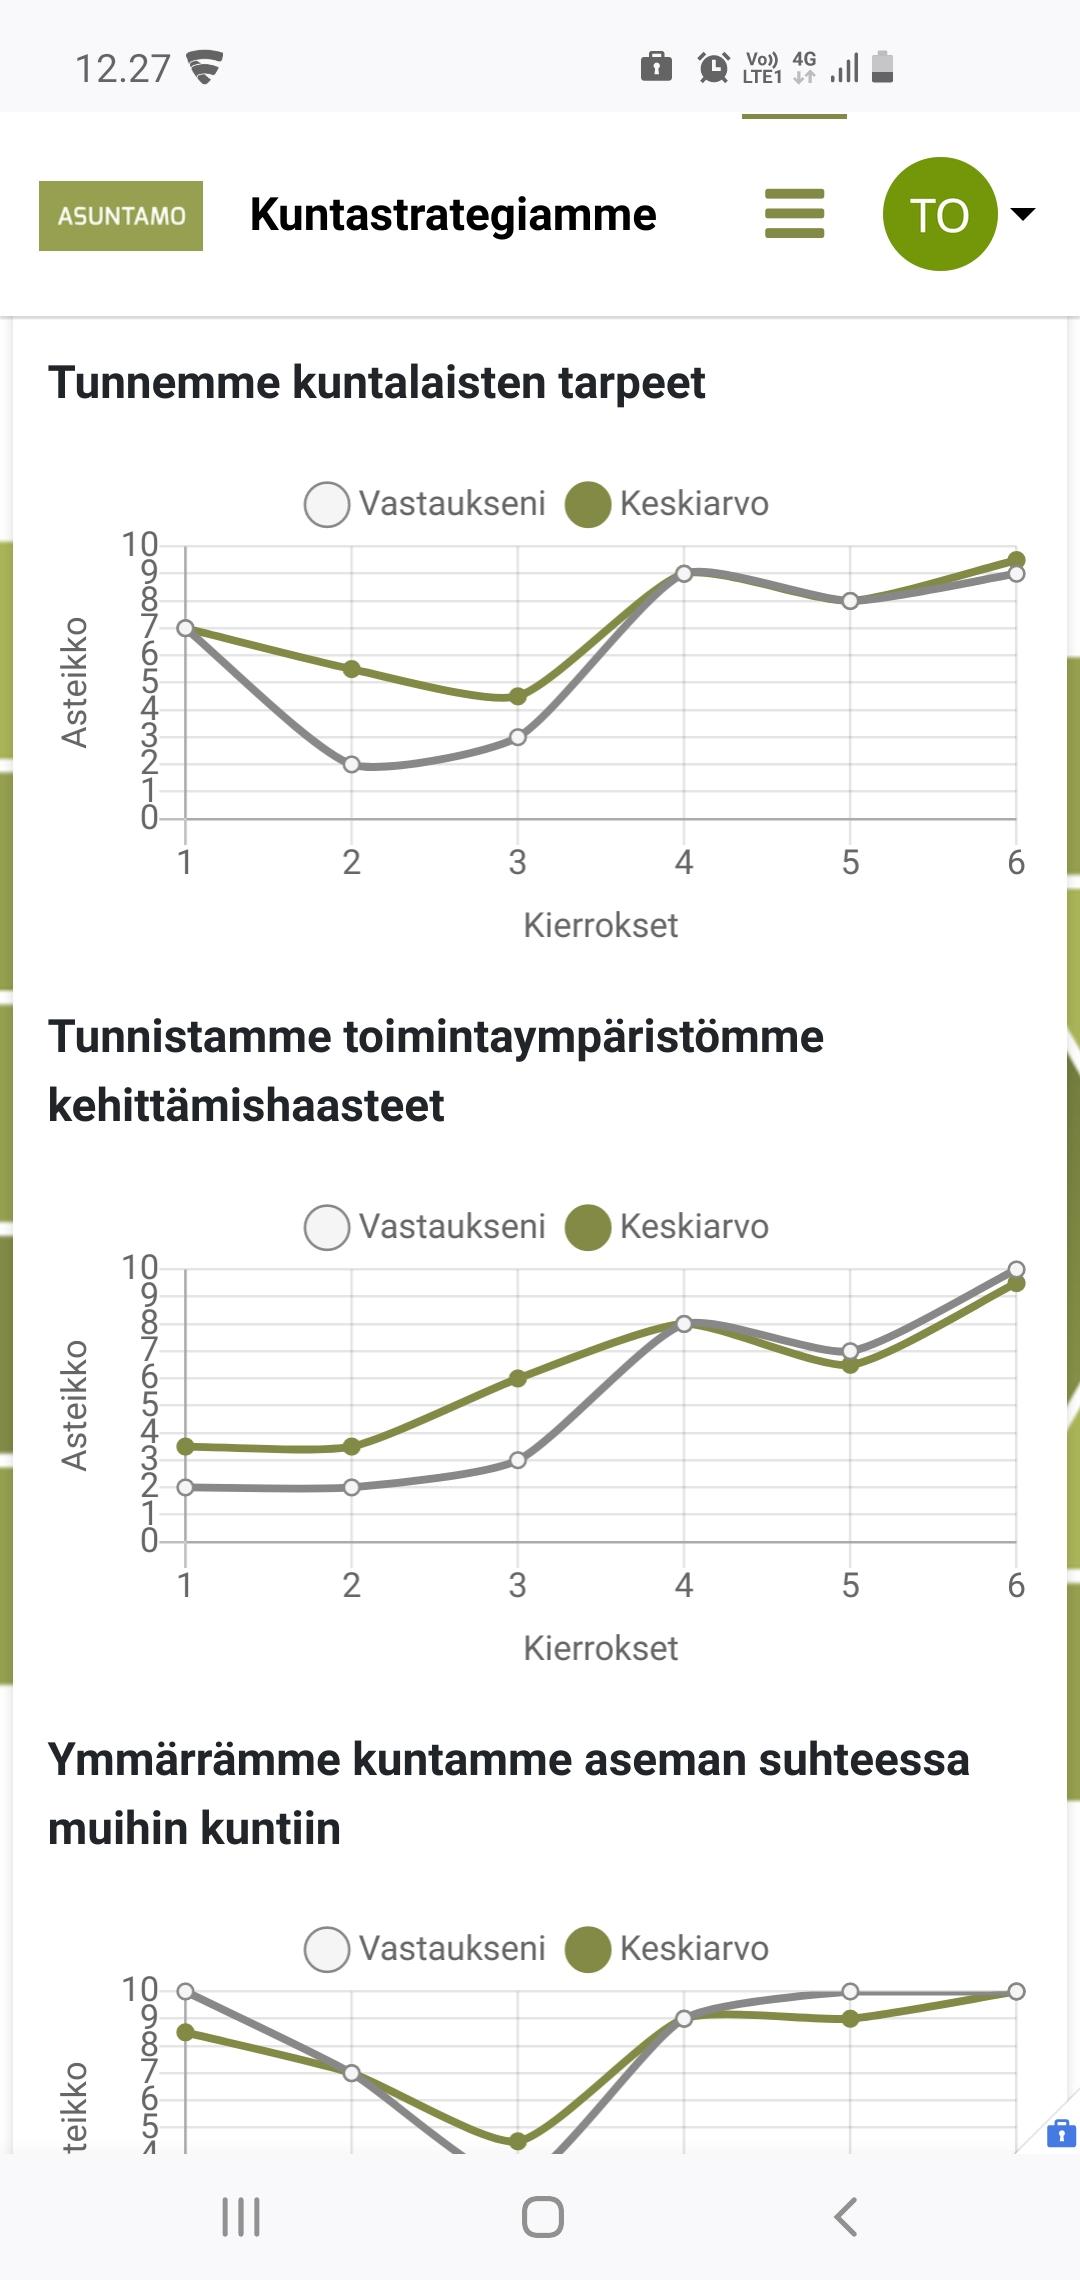 Asuntamo puhelinnäkymä graafiset kaaviot